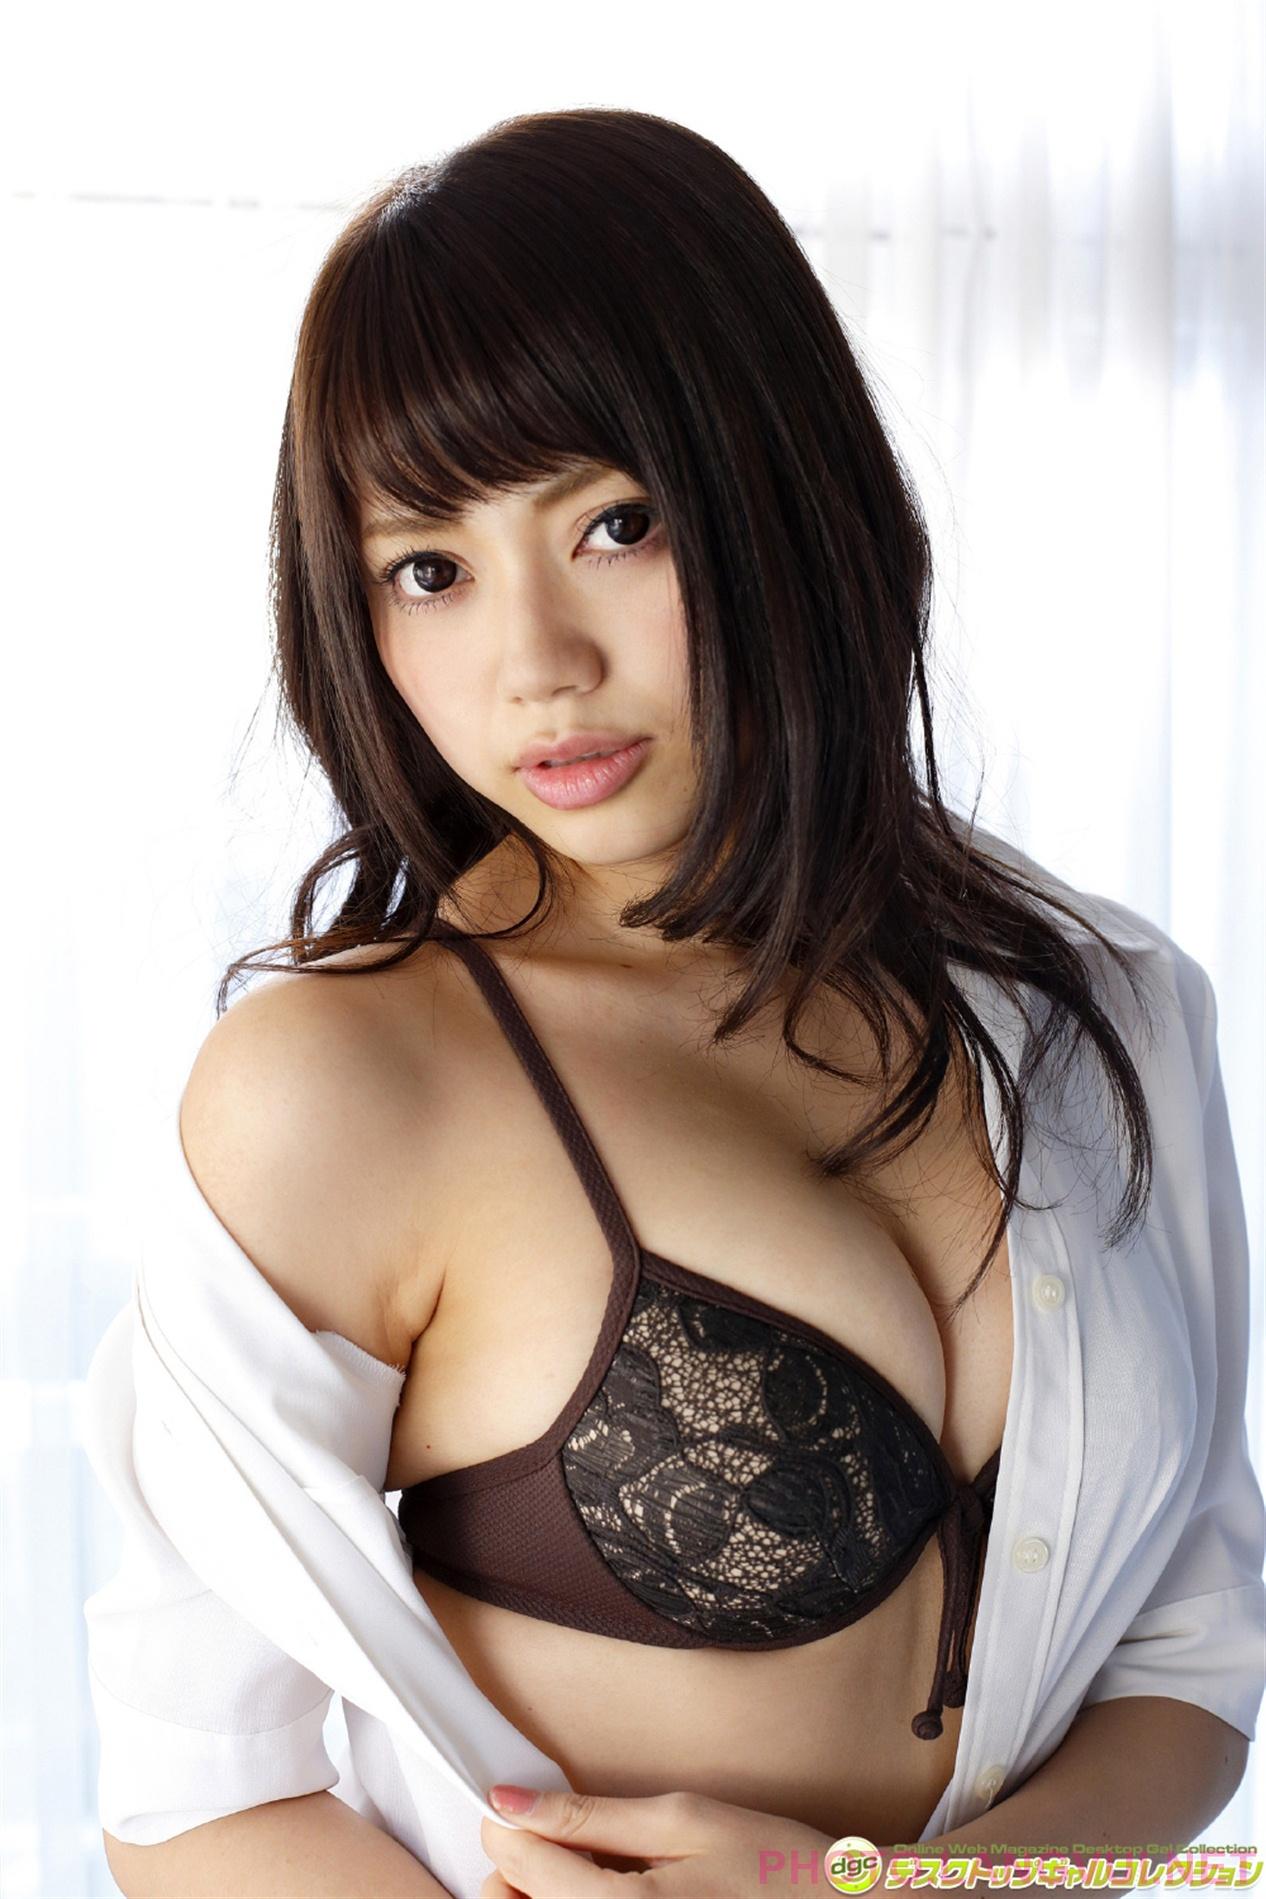 DGC No 1245 Chiyo Koma